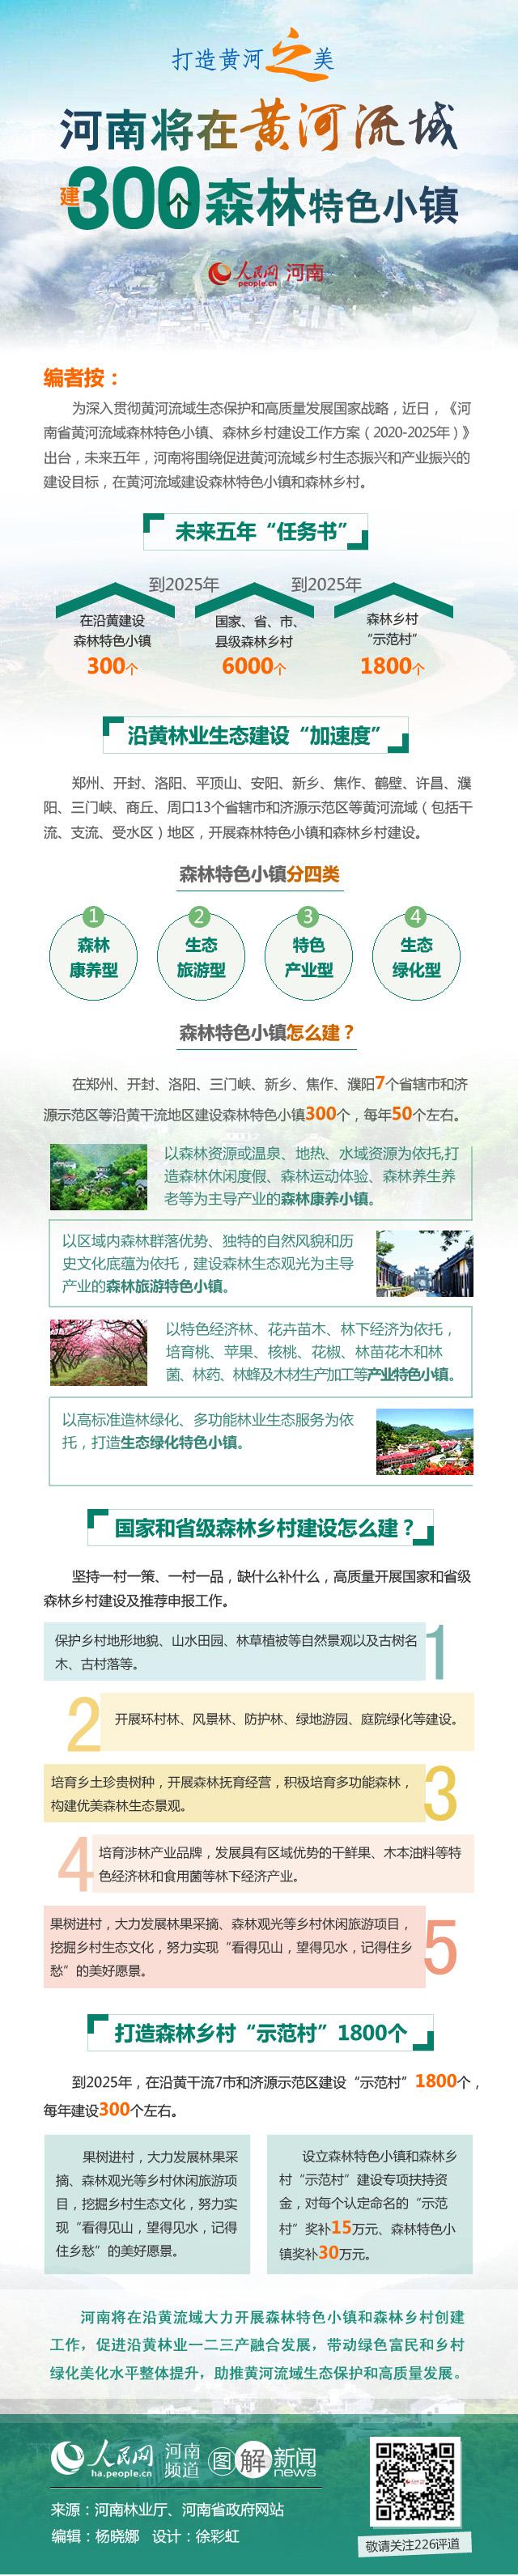 打造黄河之美 河南将在黄河流域建300个森林特色小镇